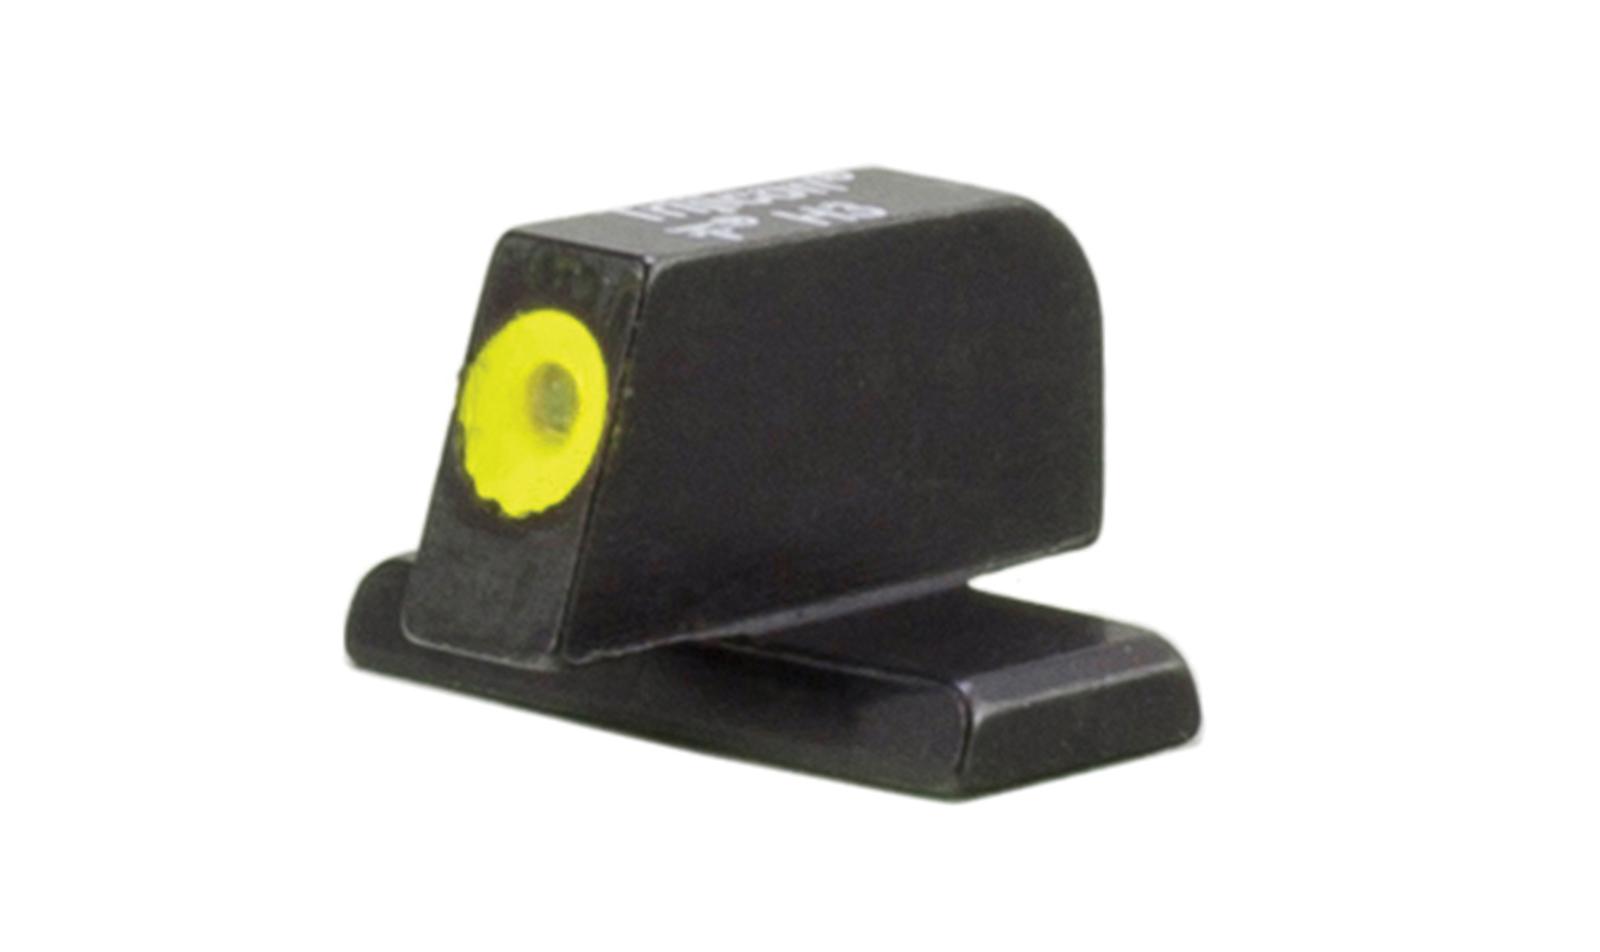 SP602-C-600877 angle 1